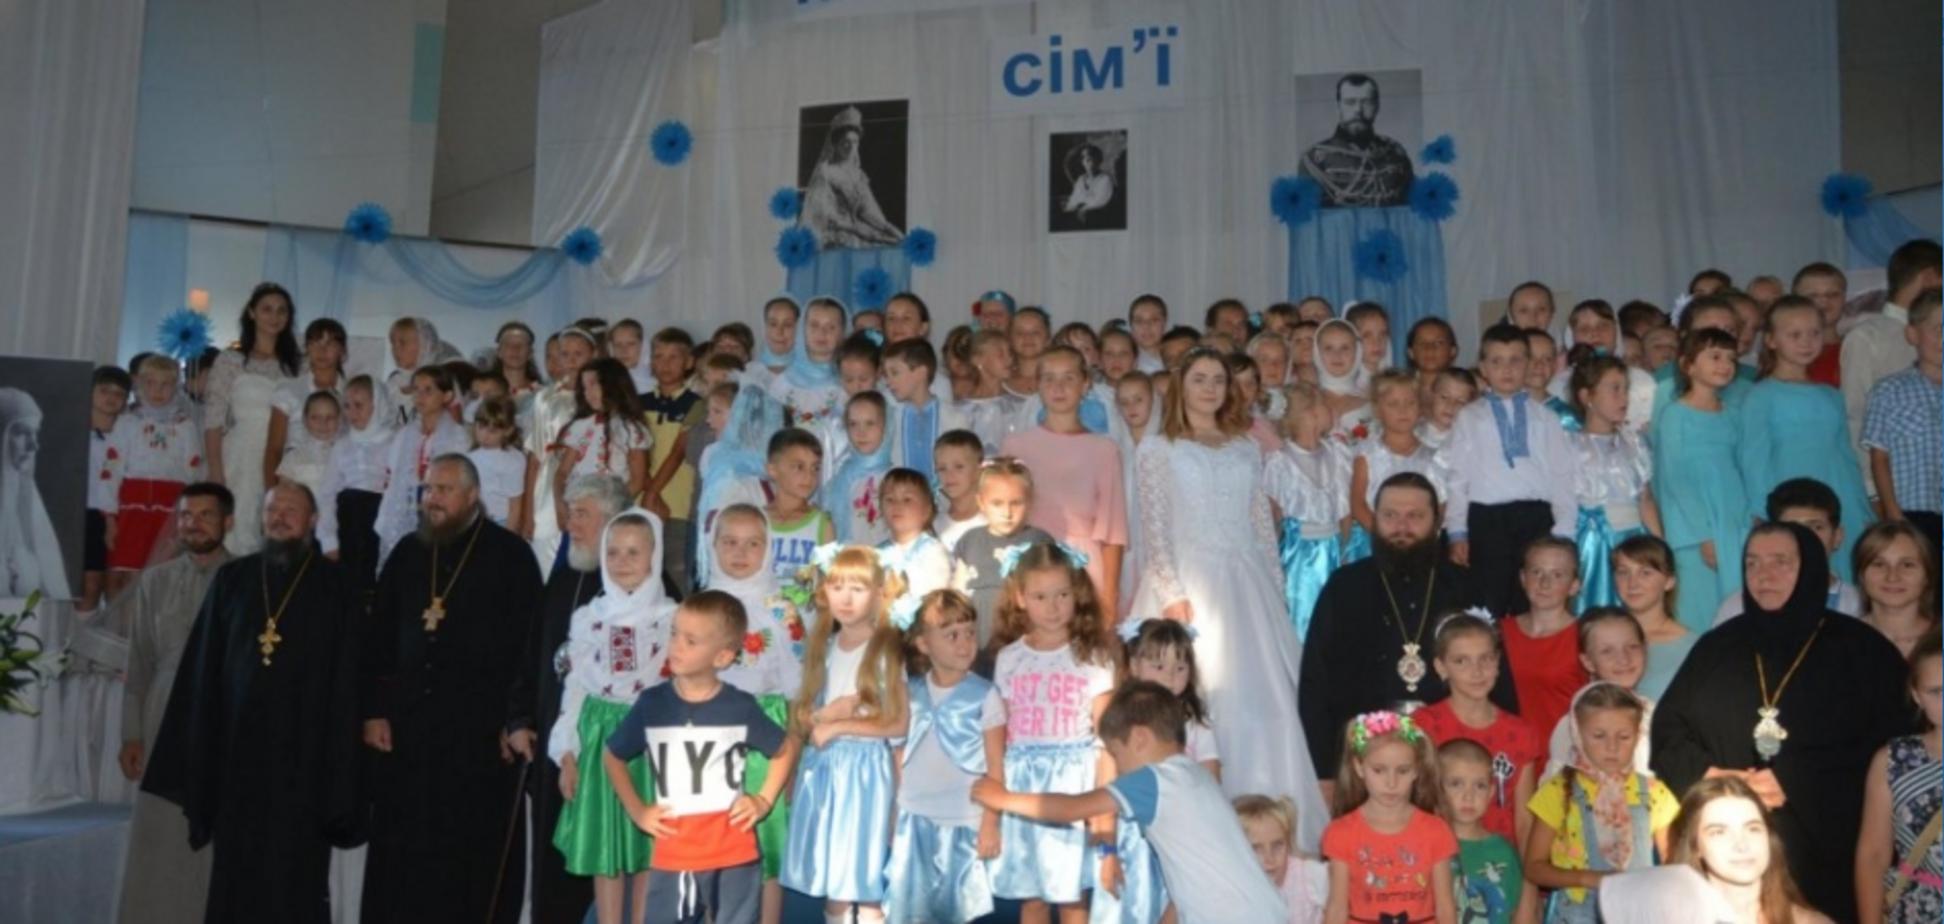 Ще одна 'скрєпа', яку РПЦ насаджує в Україні